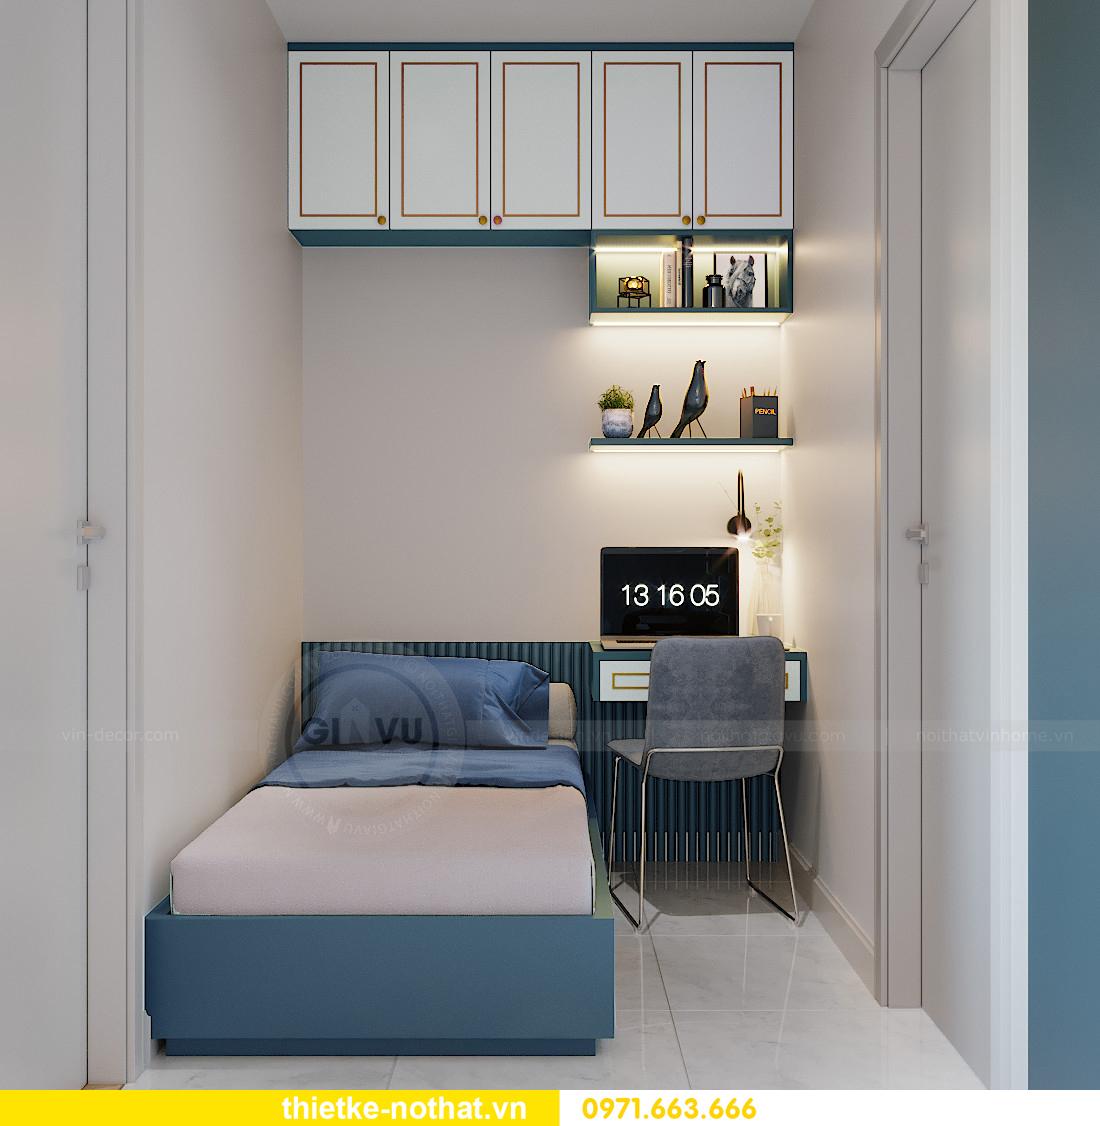 mẫu thiết kế nội thất căn hộ Smart City tòa S201 căn 18 5